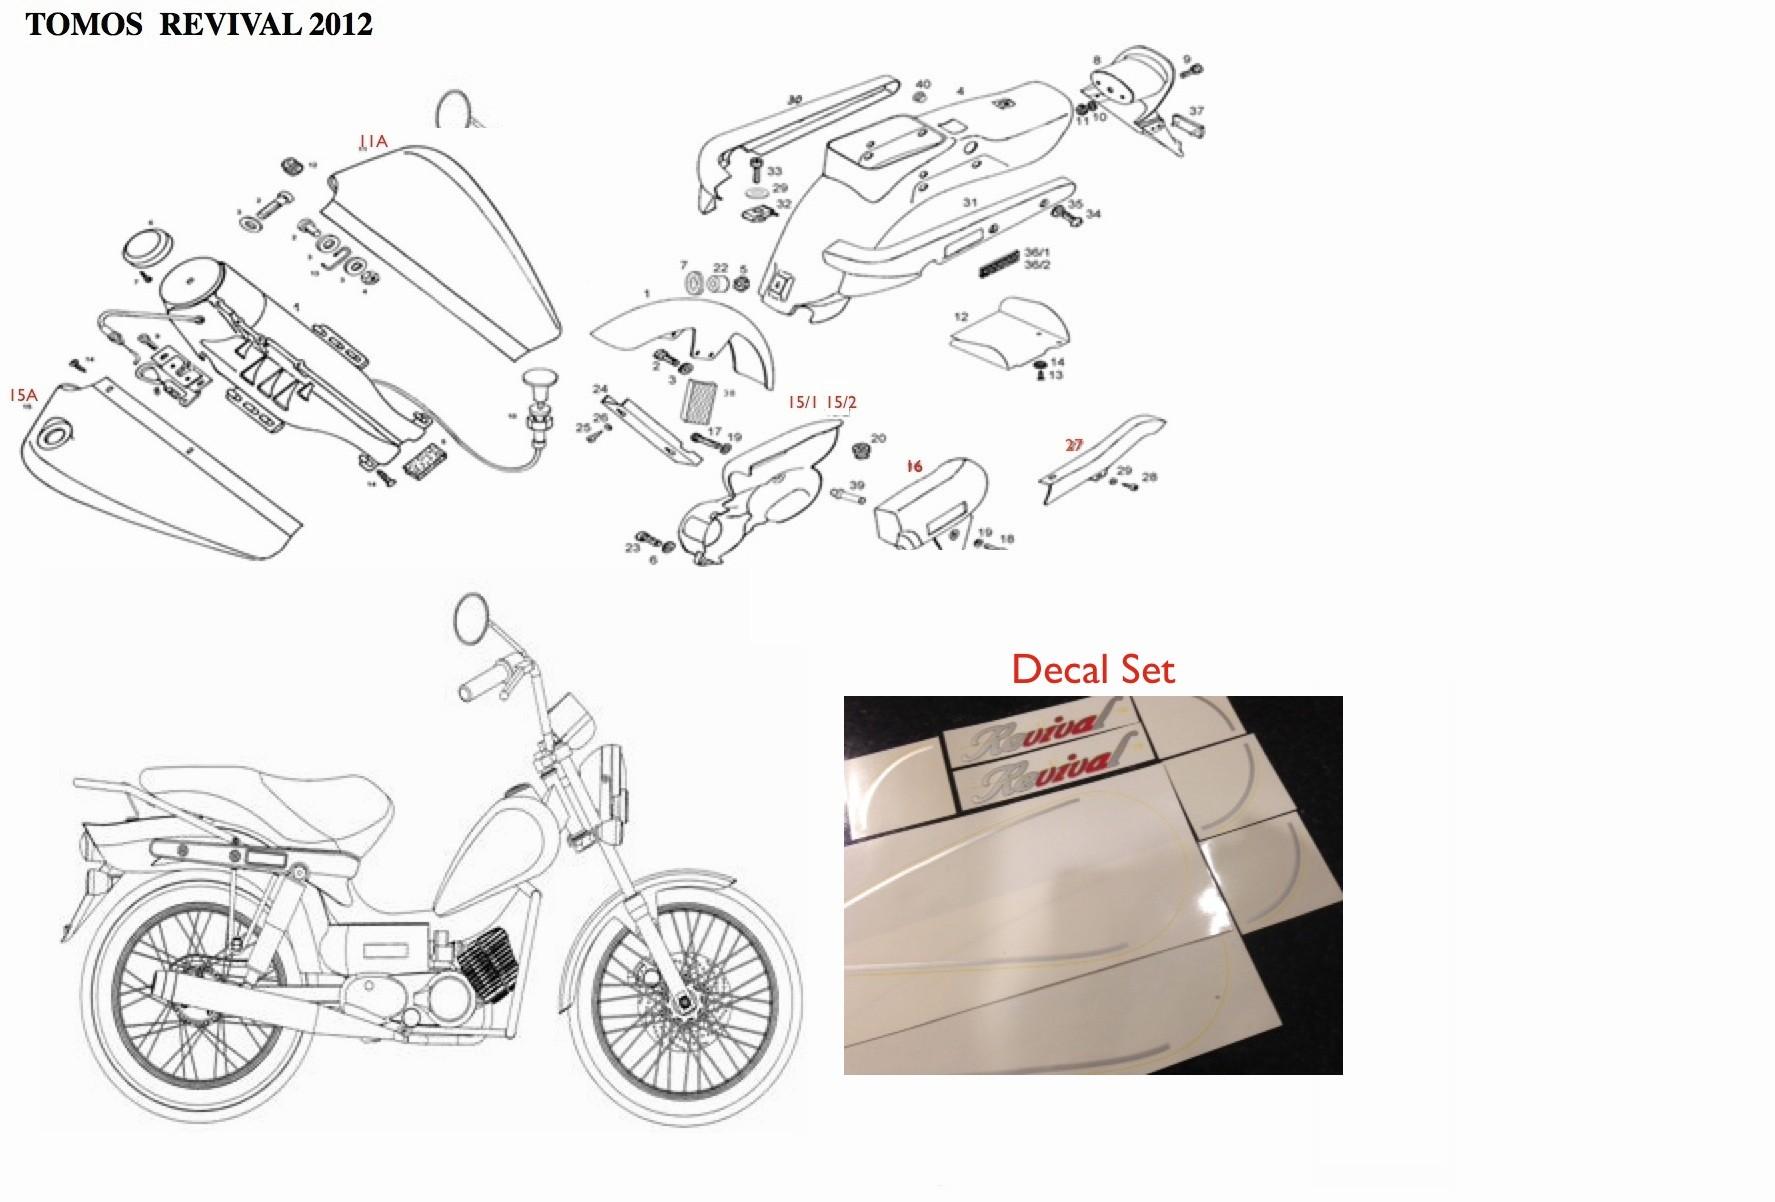 tomos a55 engine diagram re tomos a35 55 vs a52 engine [by ajwasp a35 prop a35 engine diagram #28